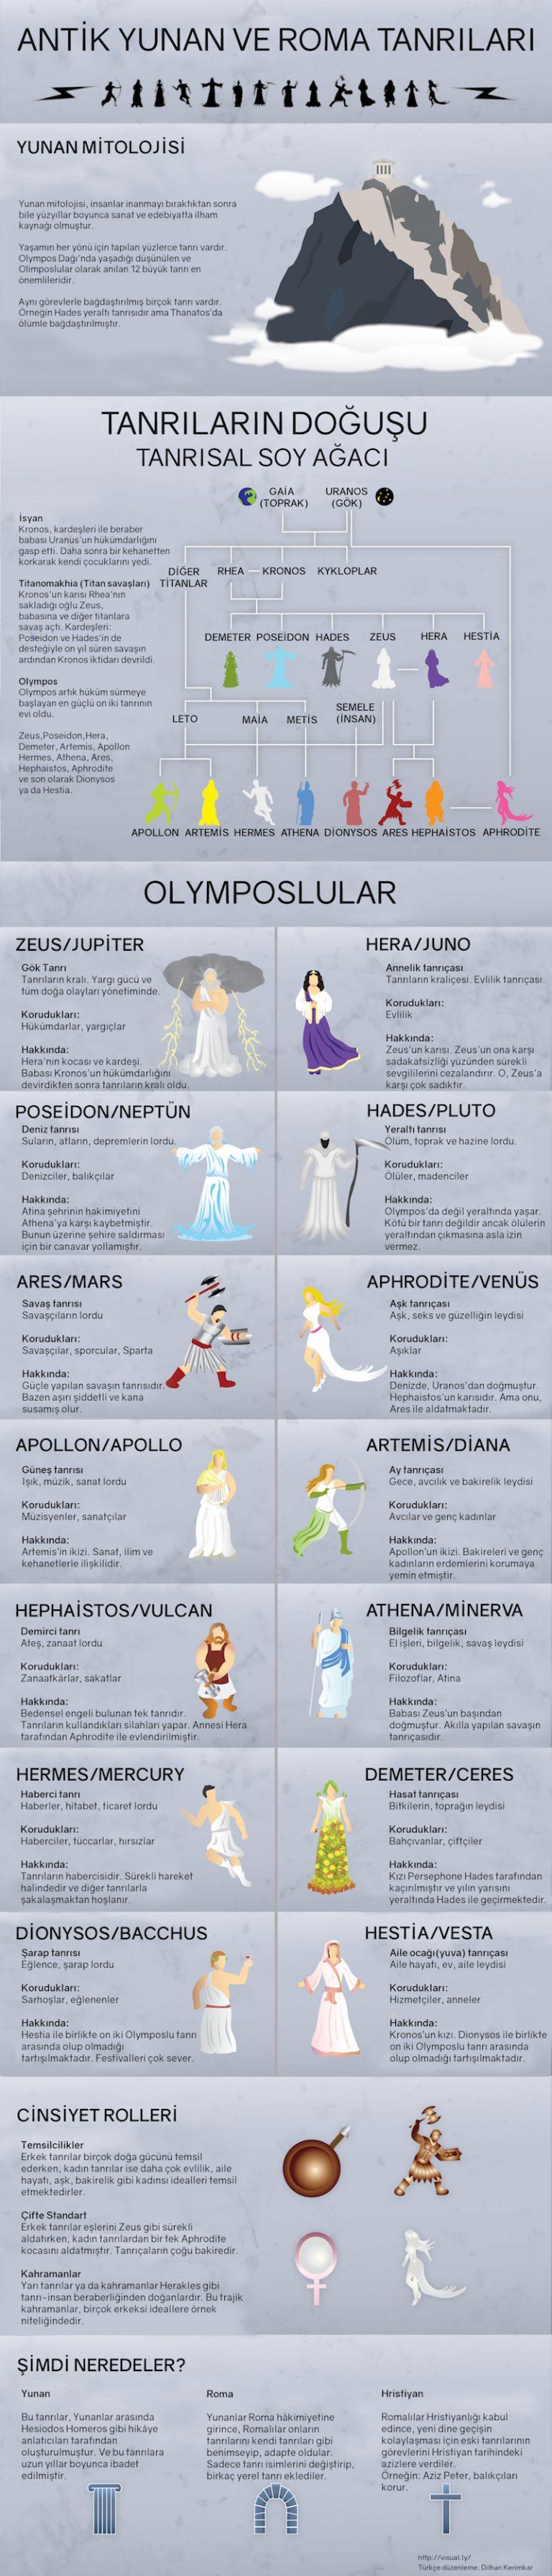 Yunan Mitolojisi Tanrıları İnfografik